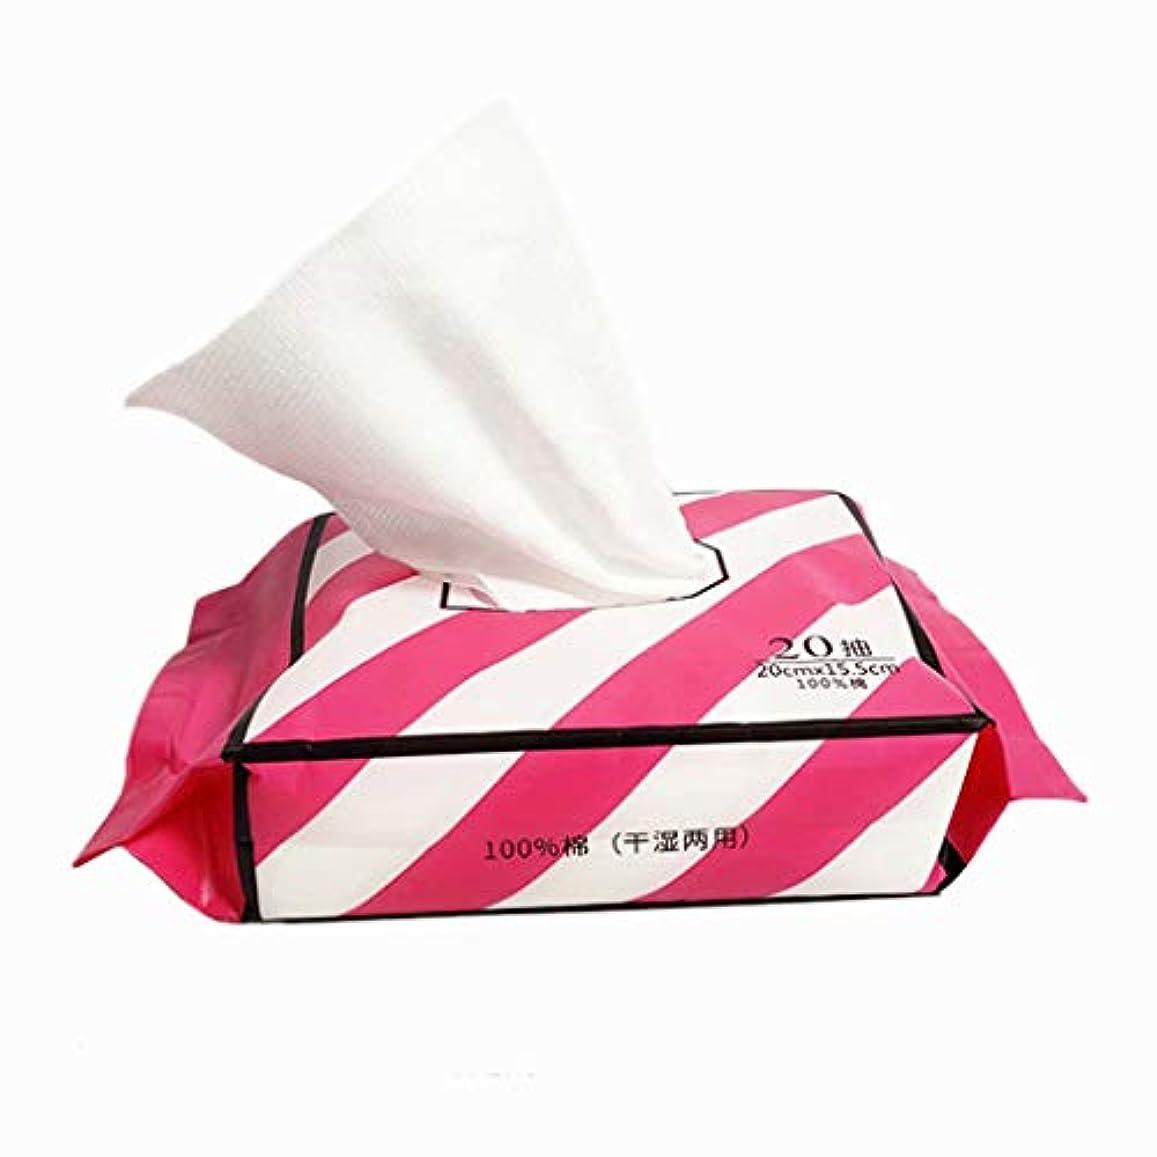 削る集めるハーネスポータブル旅行フェイスタオル、女子学生のメイクアップリムーバーコットンパッド、クリーニングウォッシュ顔使い捨て綿タオルネイル (Size : 20 pieces/bag)